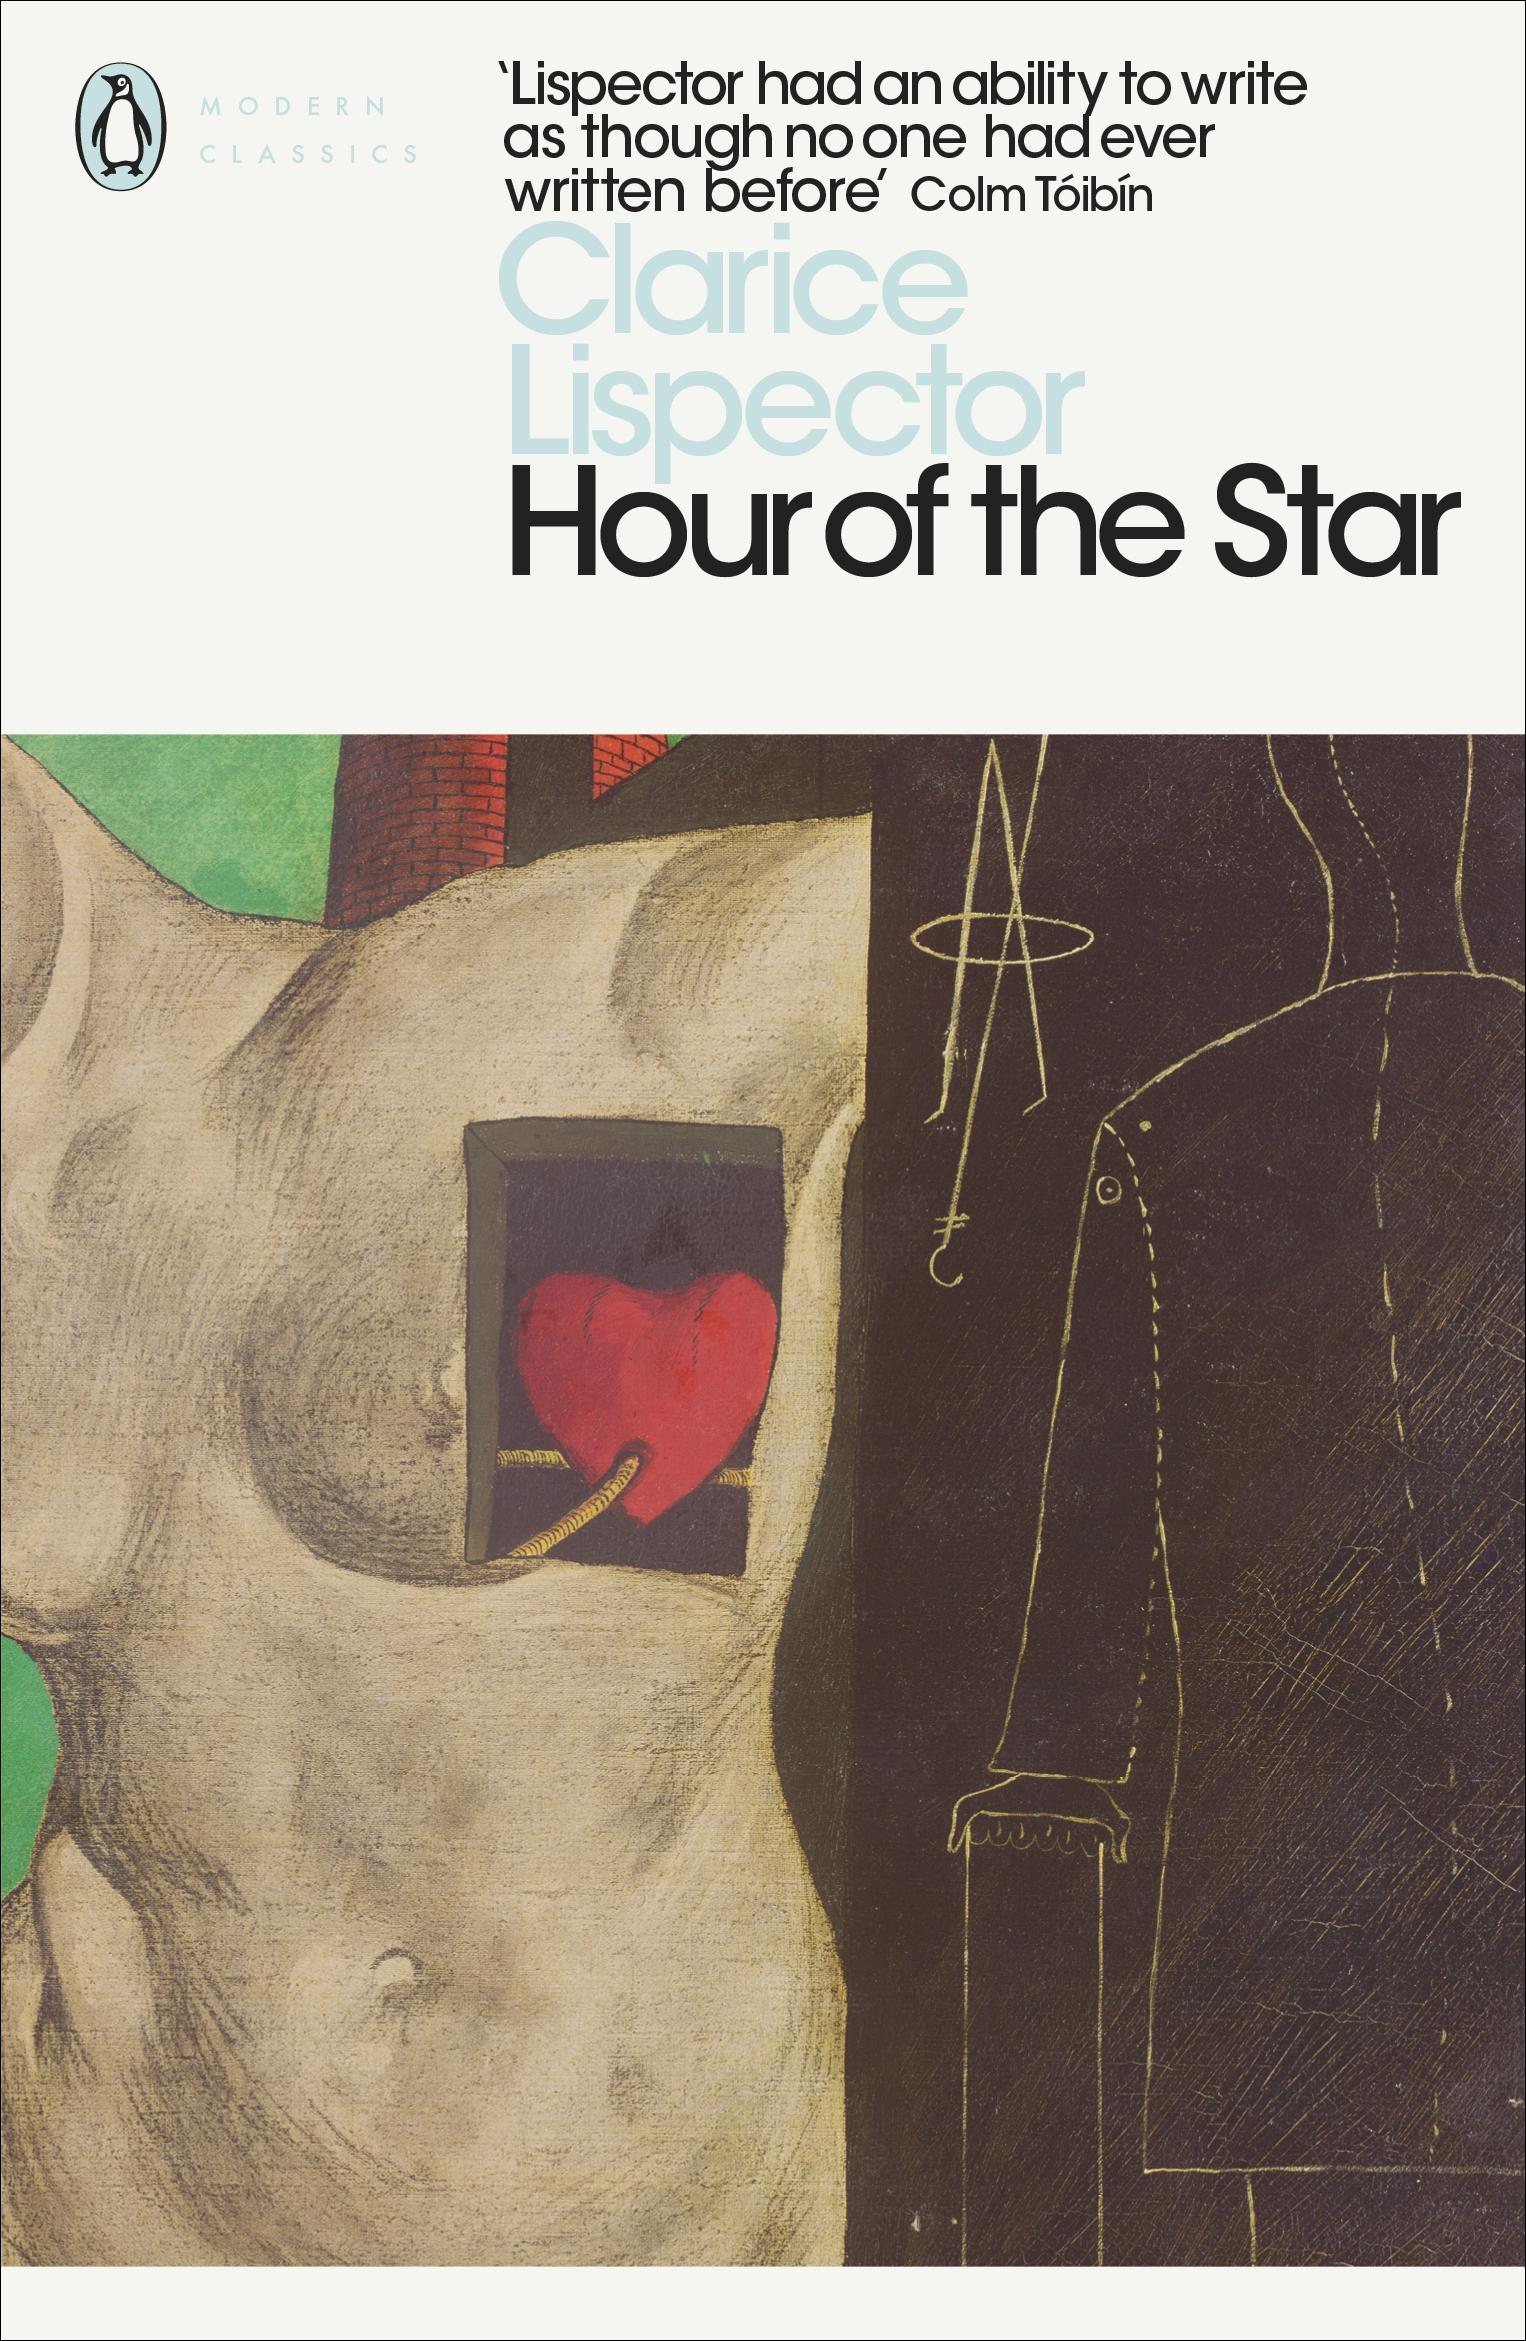 hour of the star clarice lispector